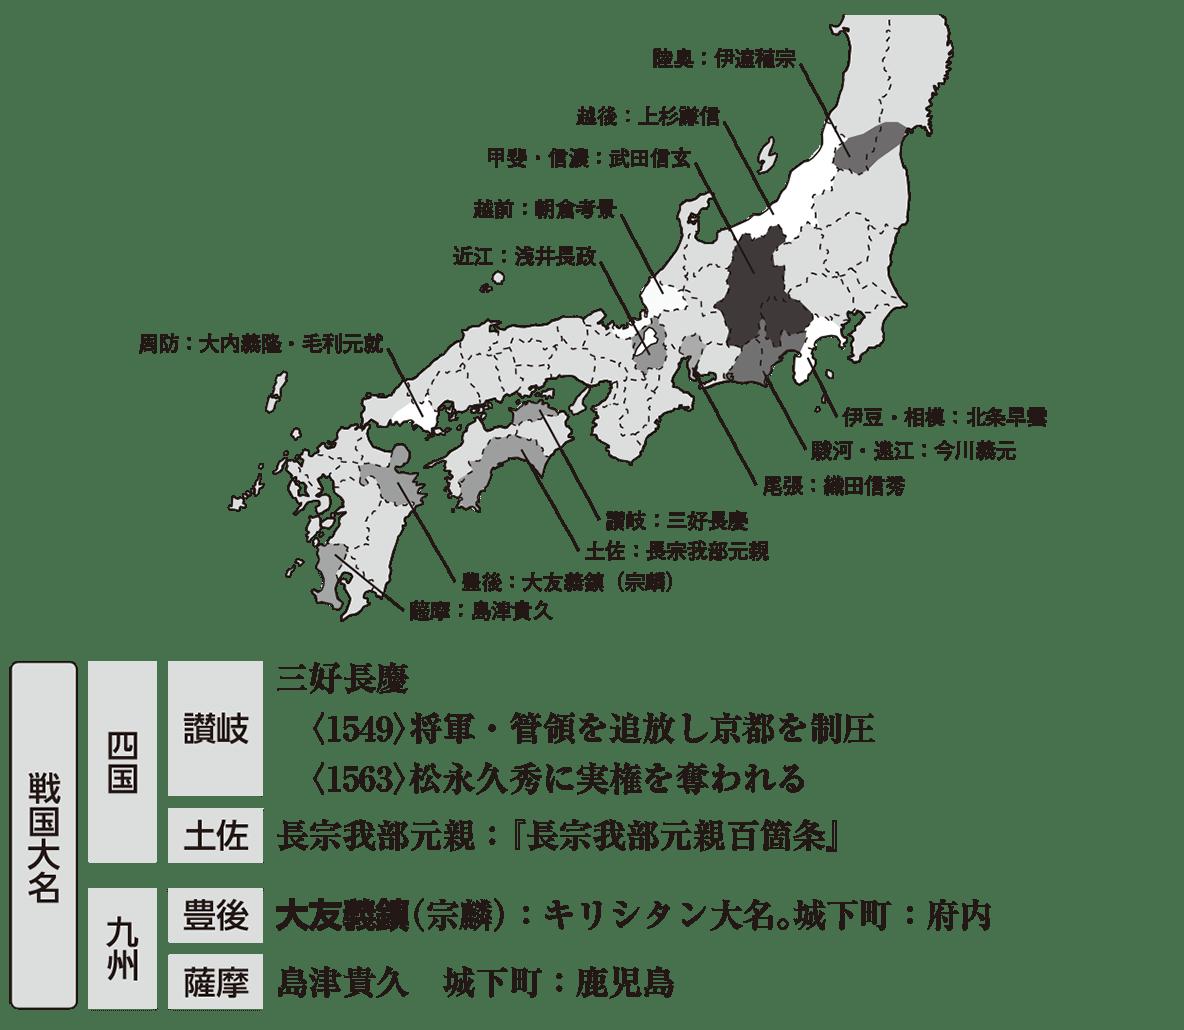 中世38 ポイント4 全体地図+戦国大名(四国・九州)